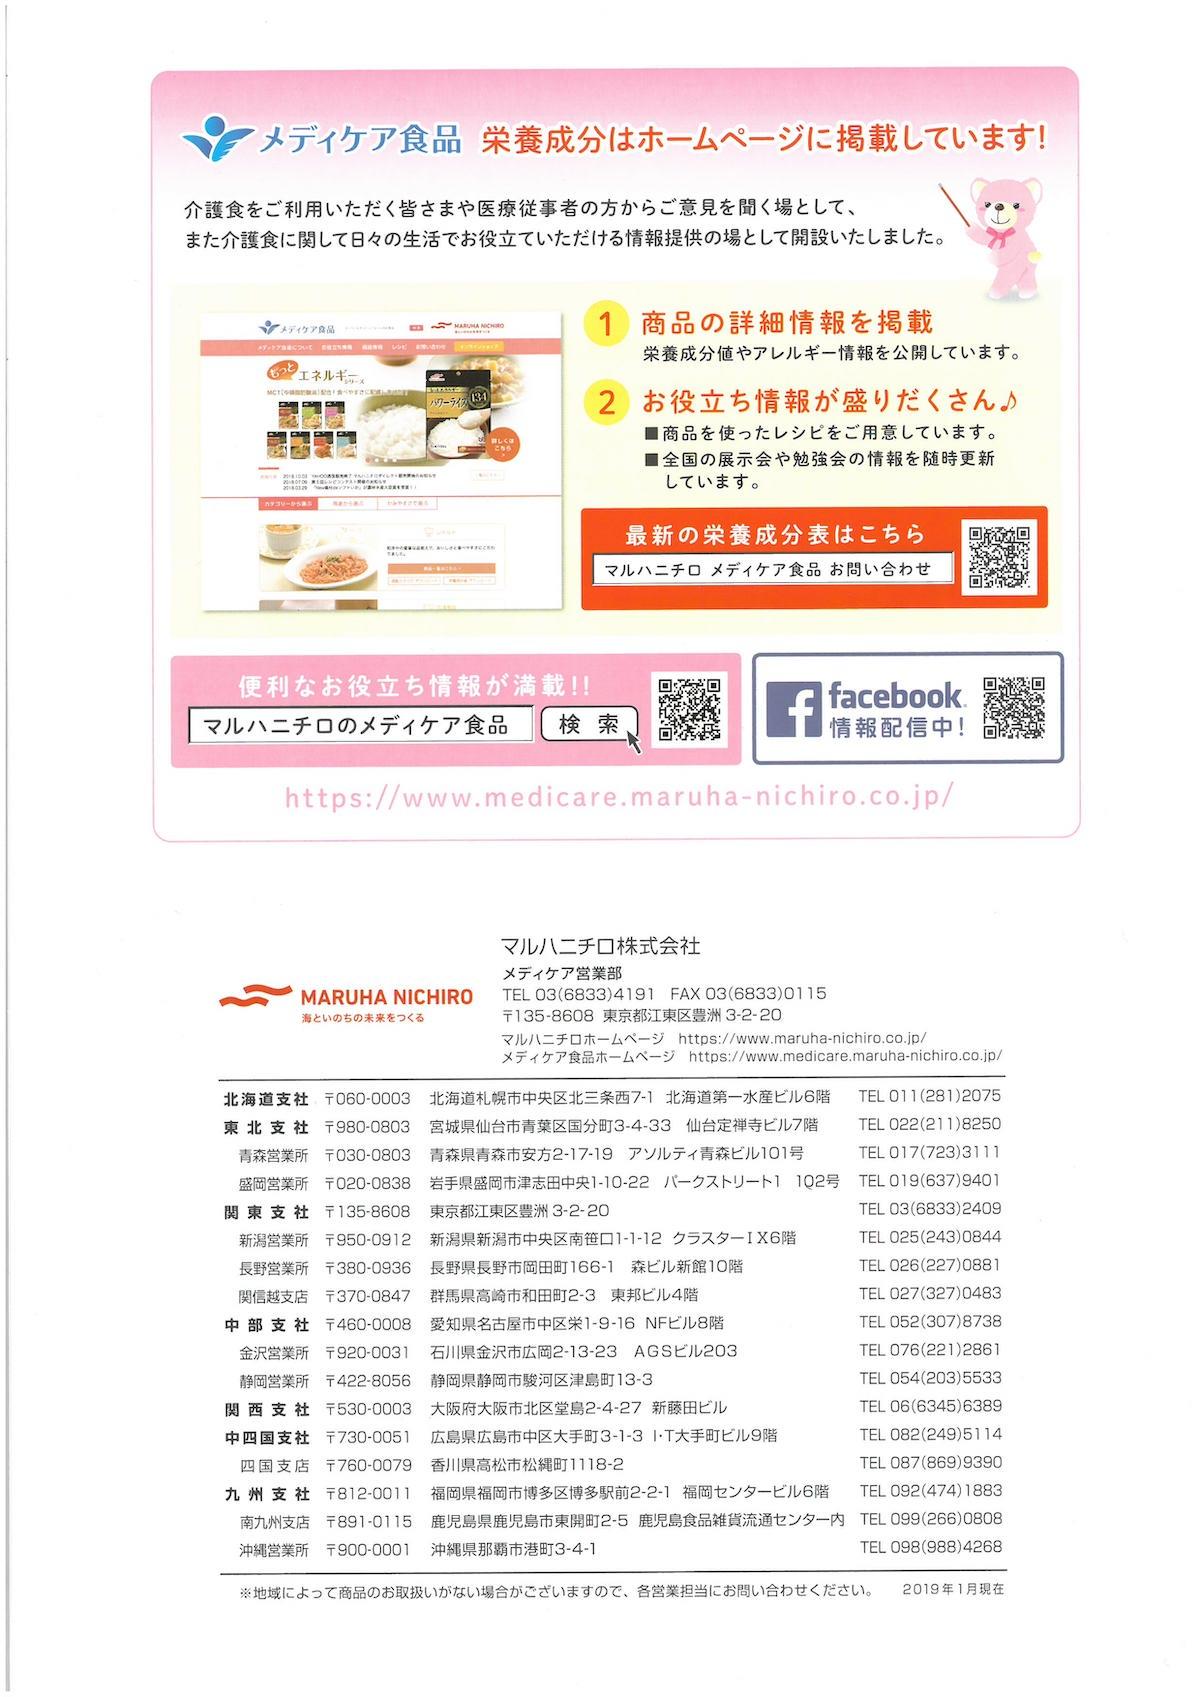 マルハニチロ2019病院施設給食向け総合カタログ